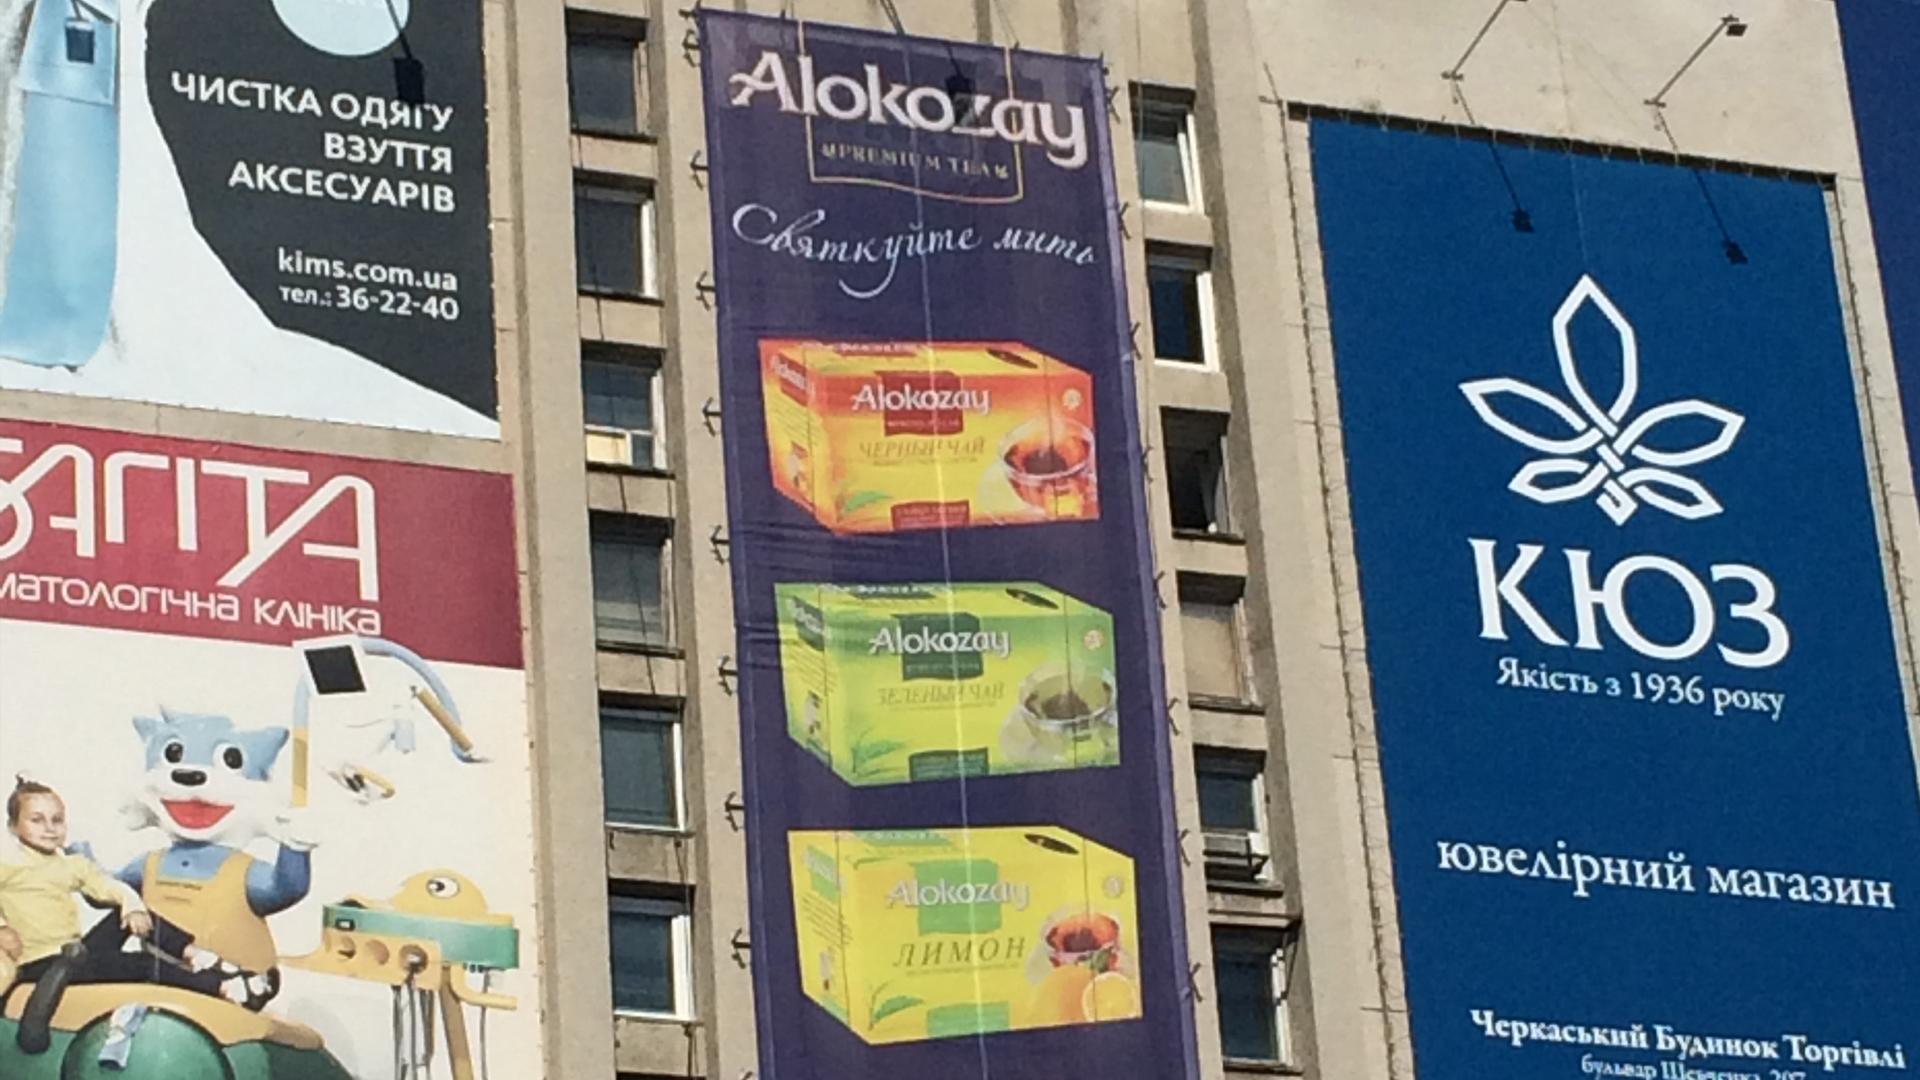 Заказать рекламный баннер дешево